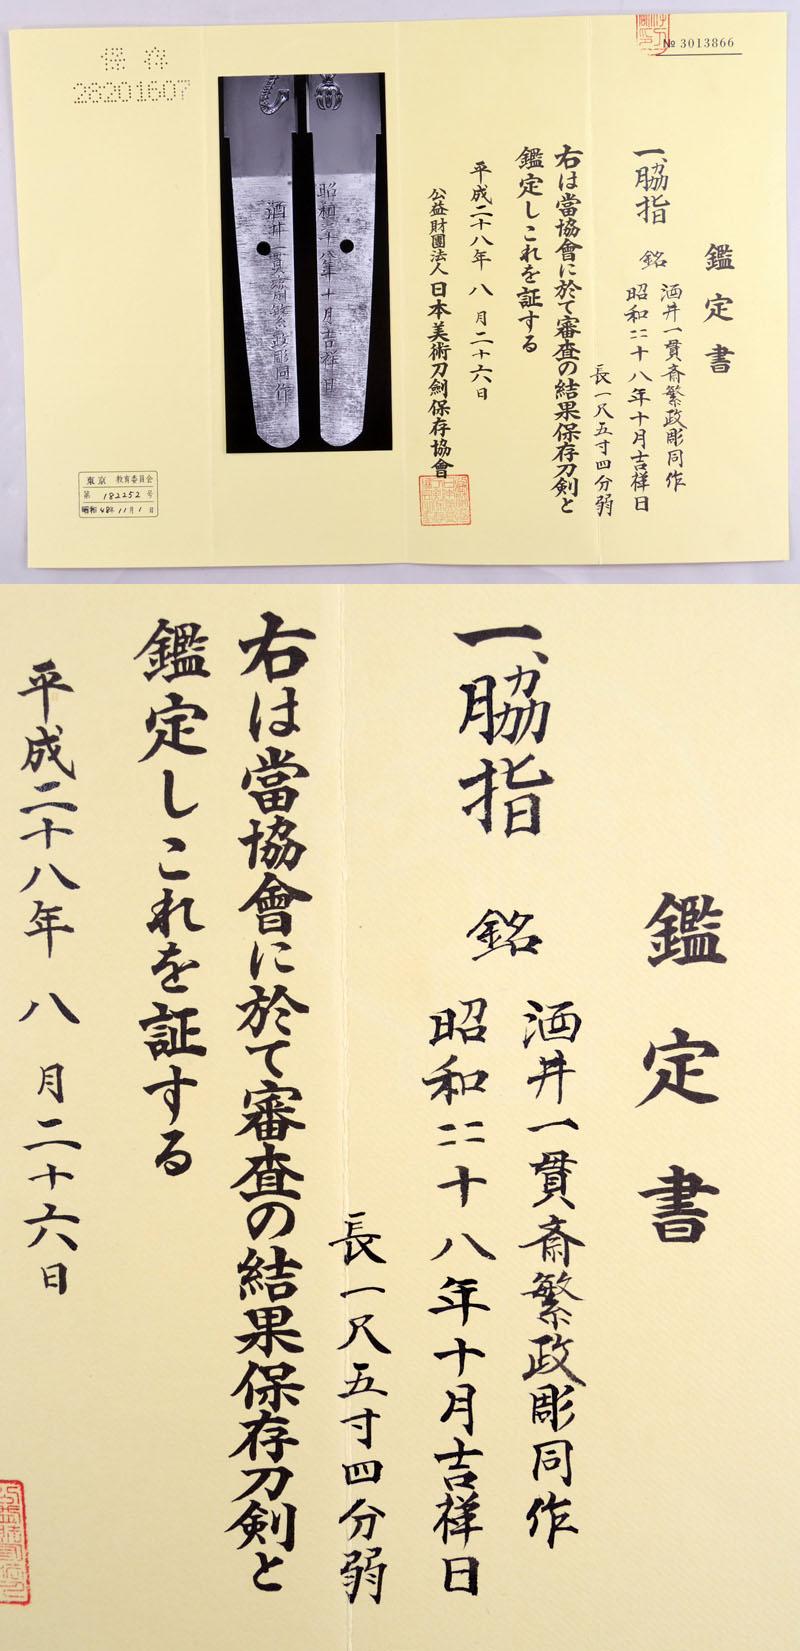 酒井一貫斎繁政彫同作 Picture of Certificate